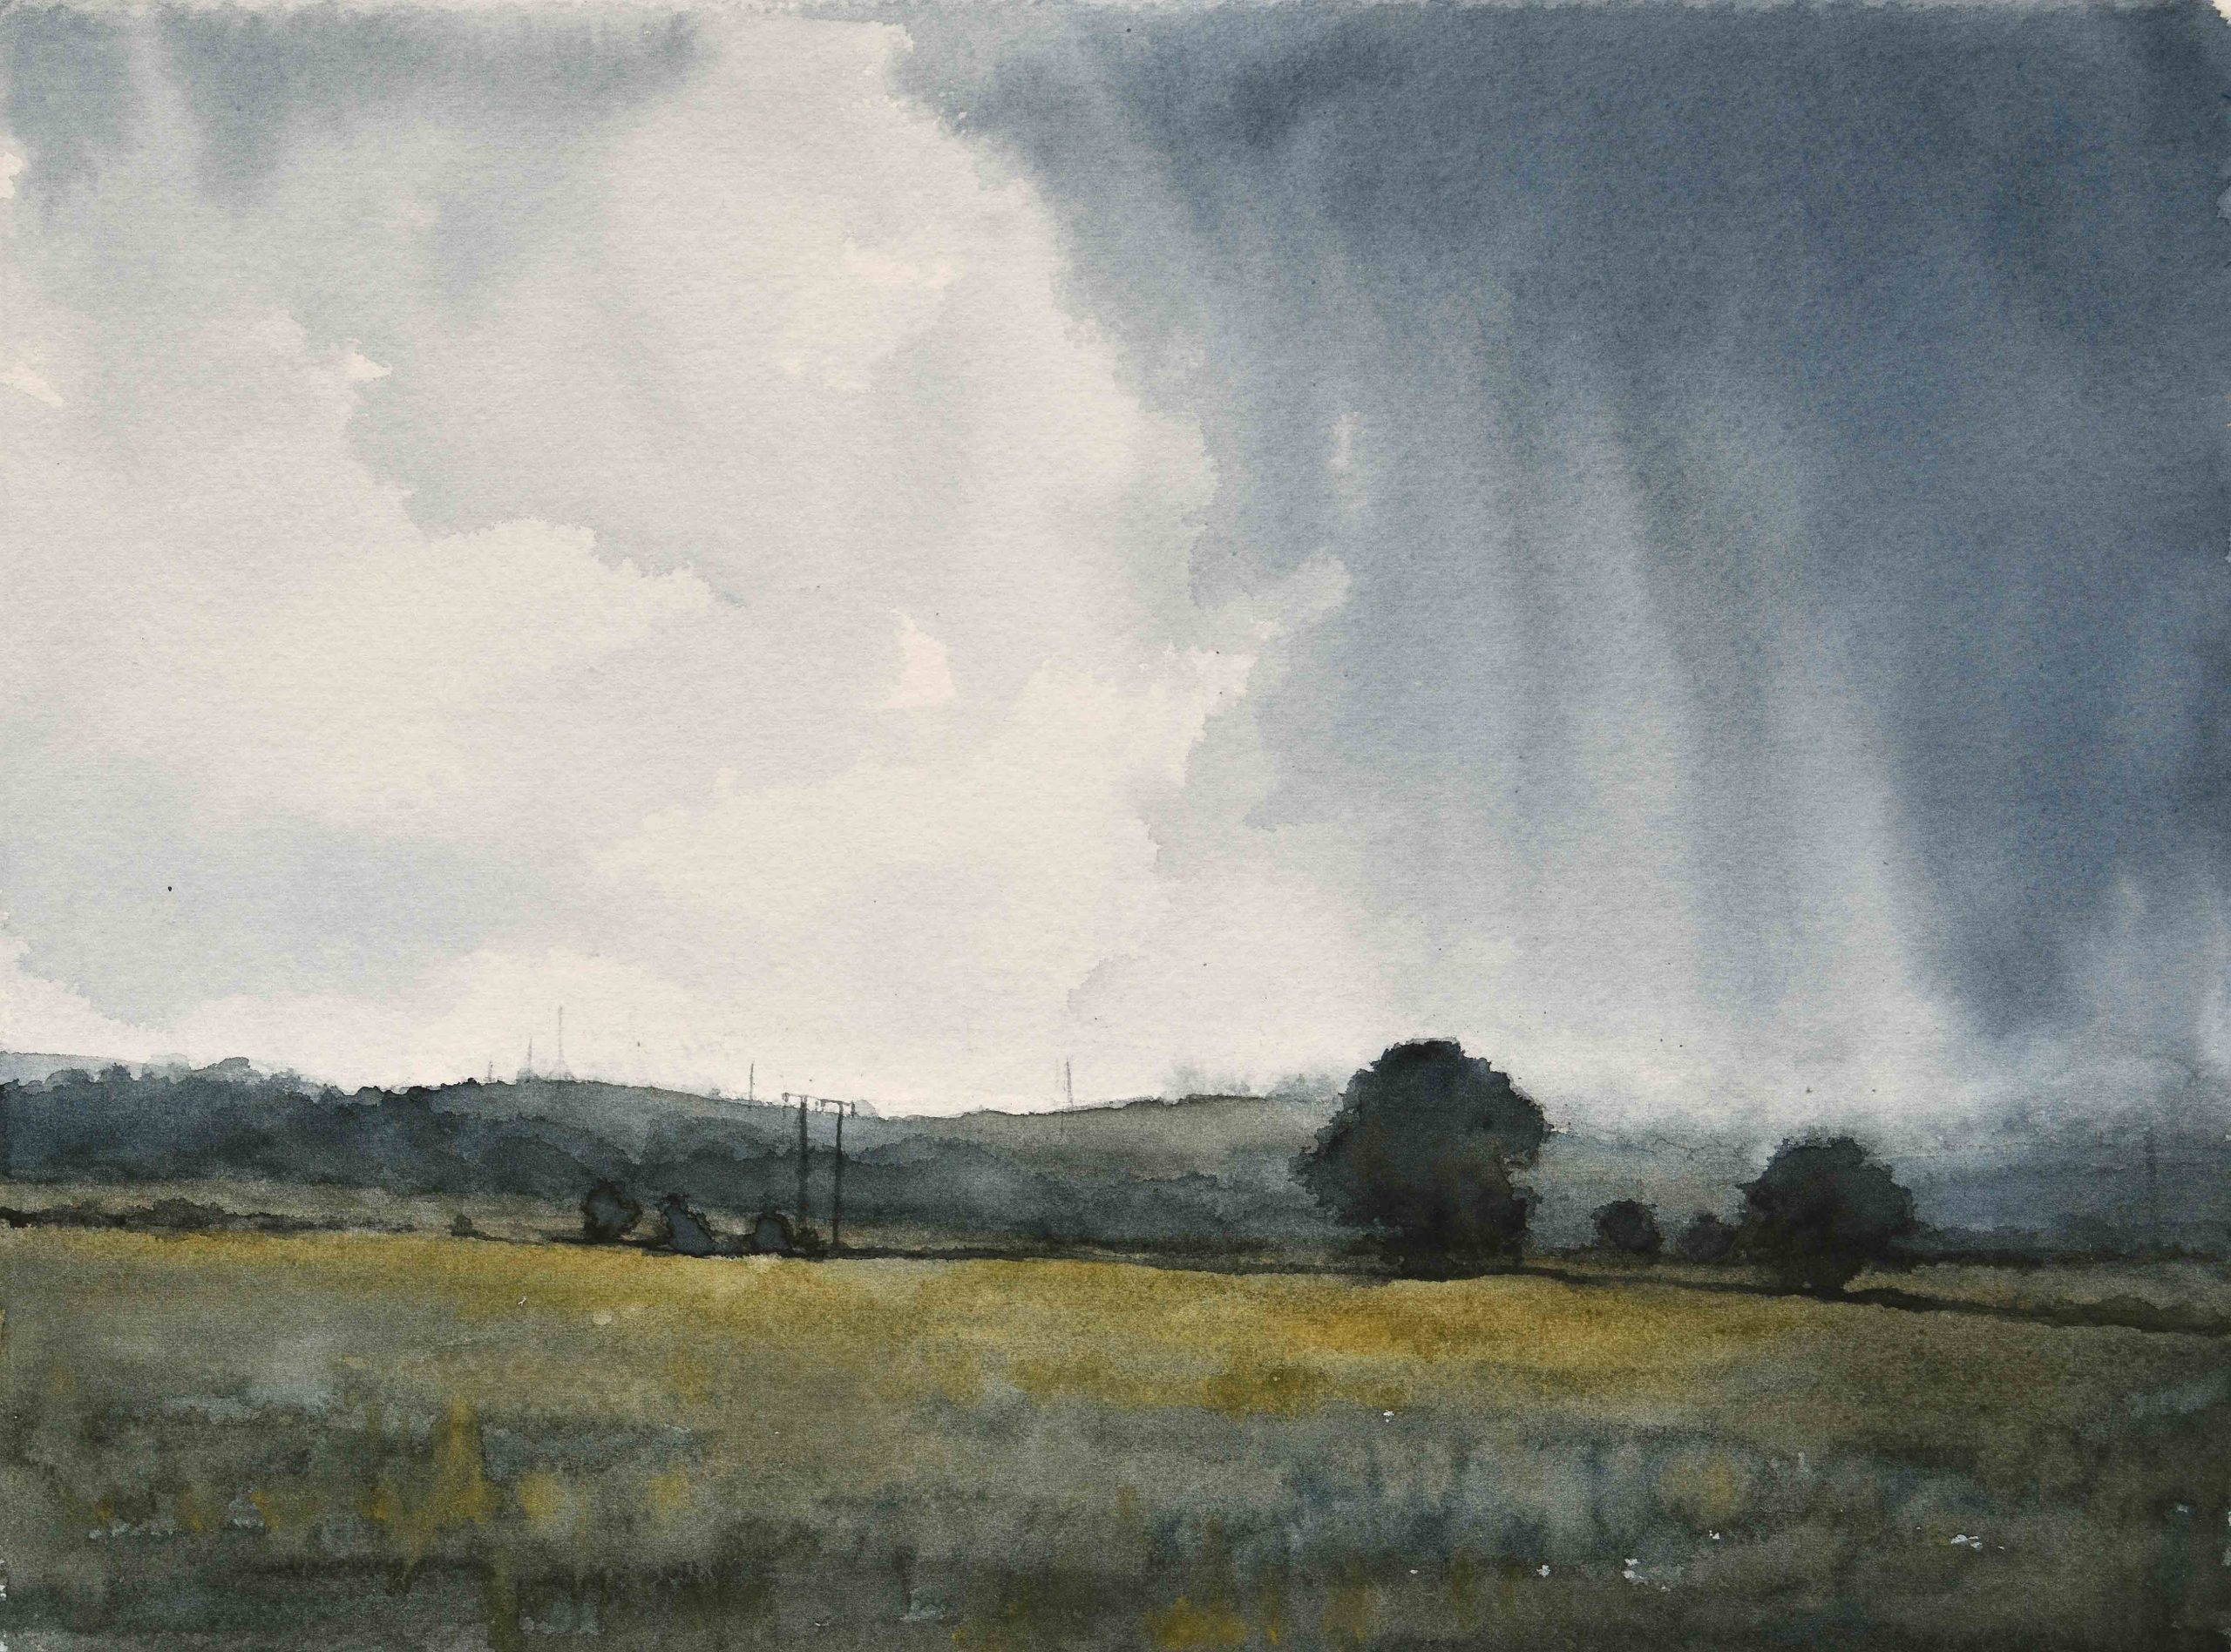 Summer Rainstorm Looking East, 2020, Watercolour on Saunders Waterford Cotton Rag, 29 x 38cm | Julia Brown